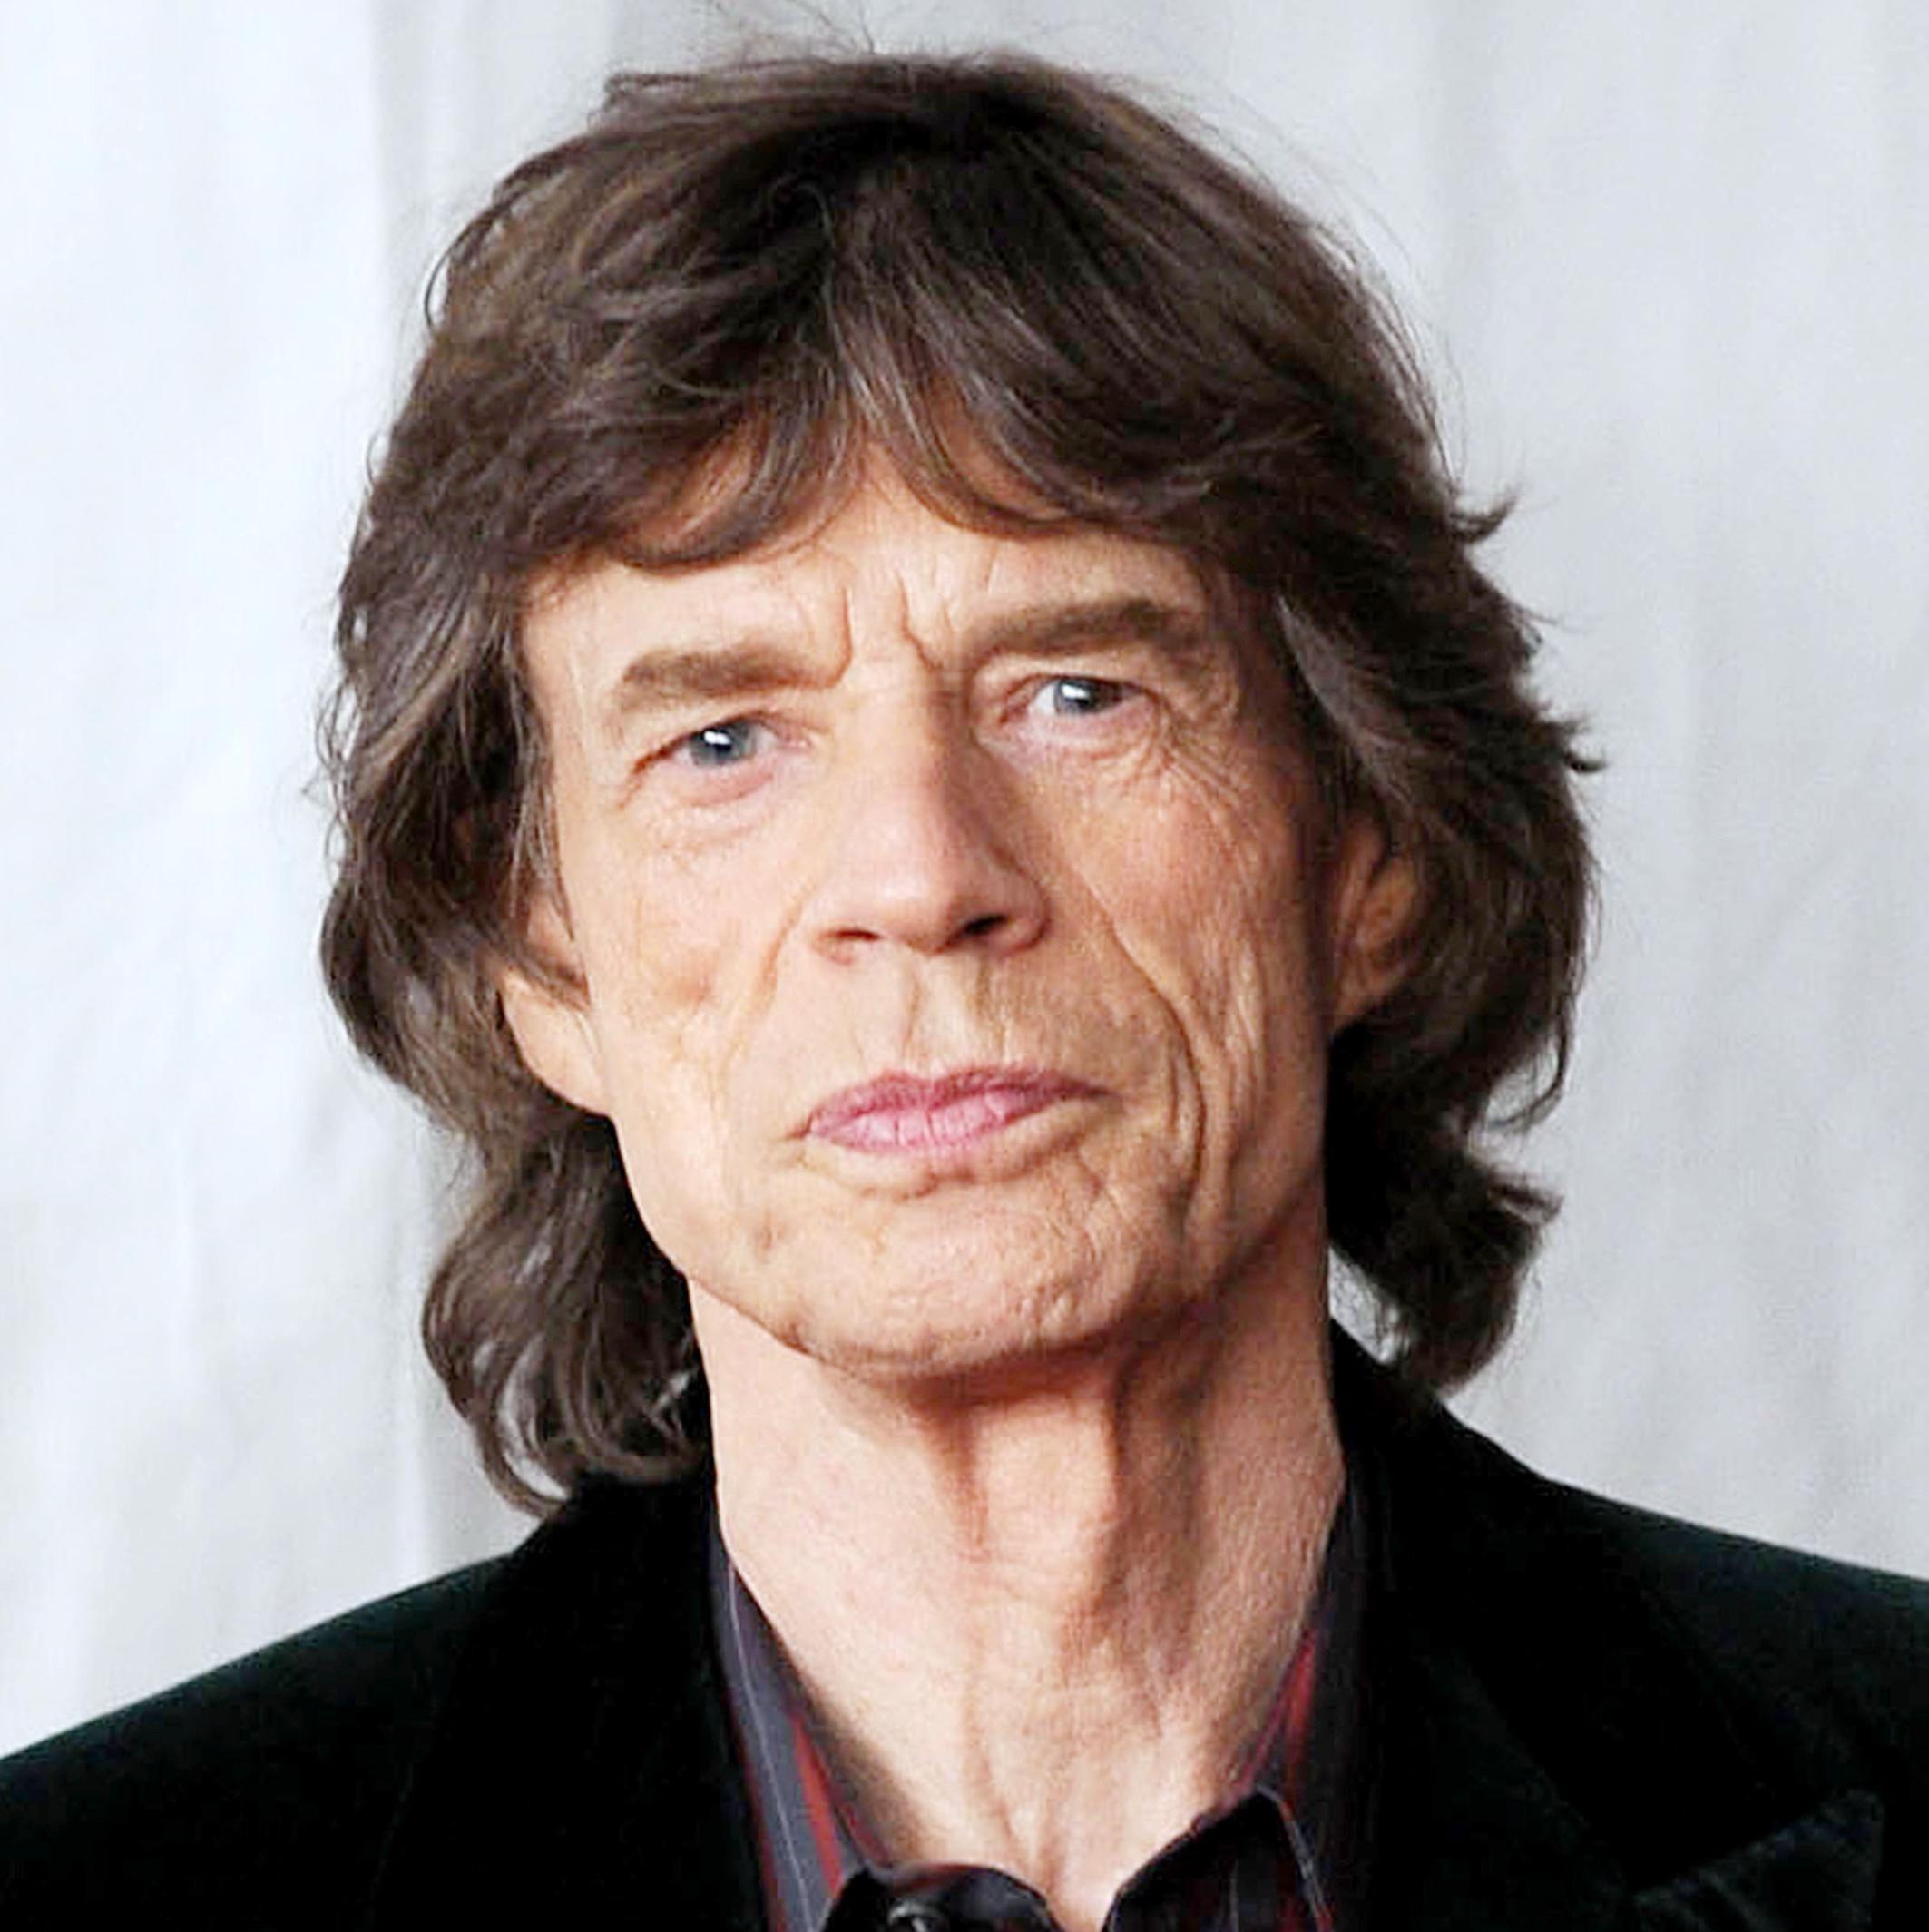 Connaissez-vous bien Mick Jagger ?